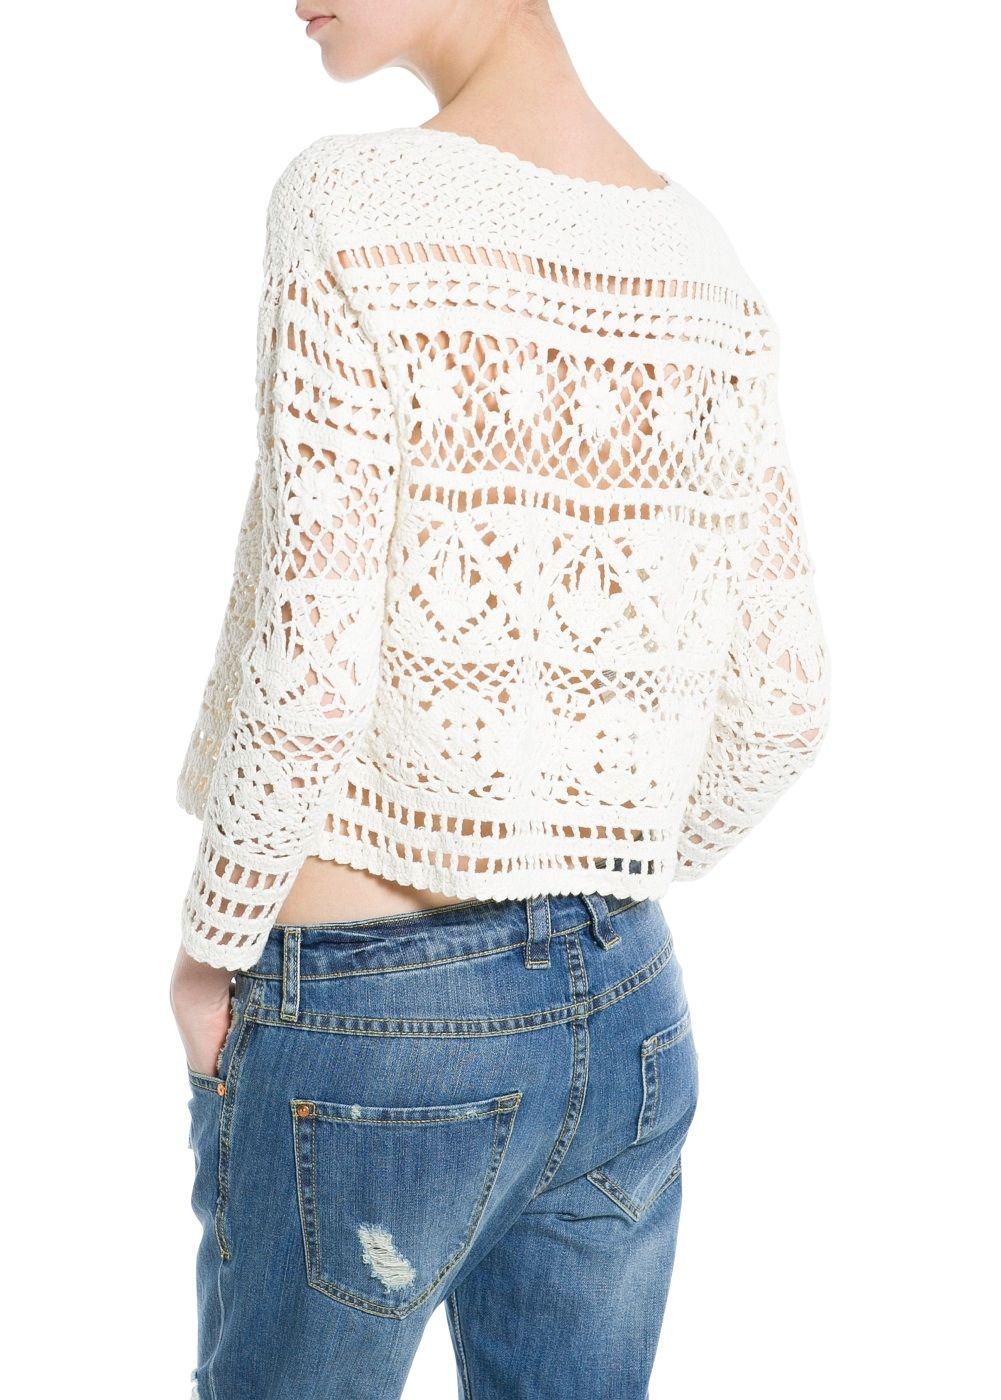 Crochet cortada camisola | TEJIDOS | Pinterest | Croché, Ganchillo y ...